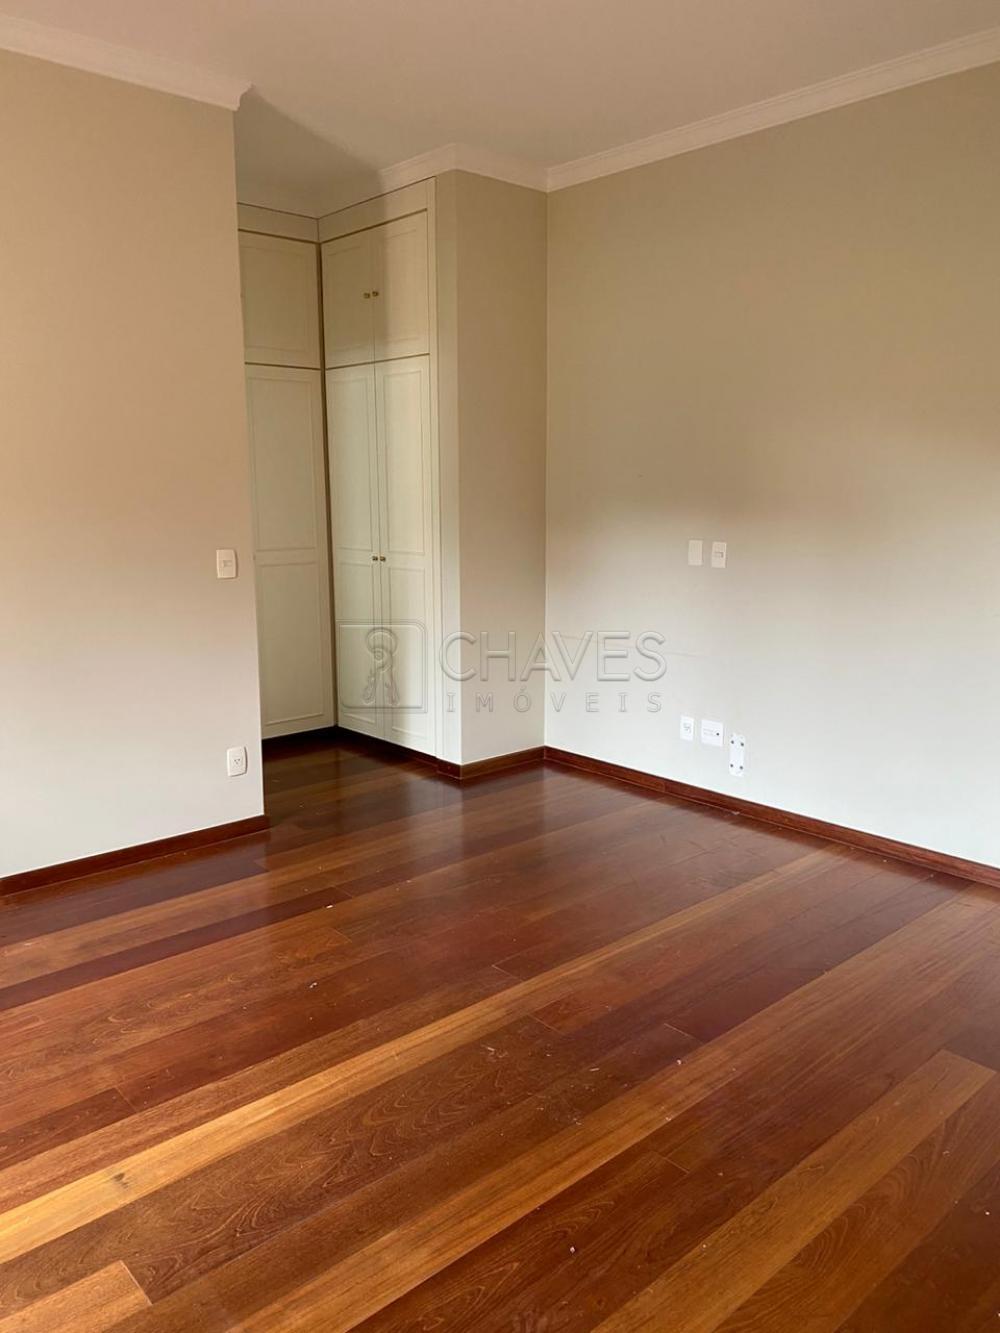 Comprar Casa / Condomínio em Ribeirão Preto apenas R$ 4.900.000,00 - Foto 11